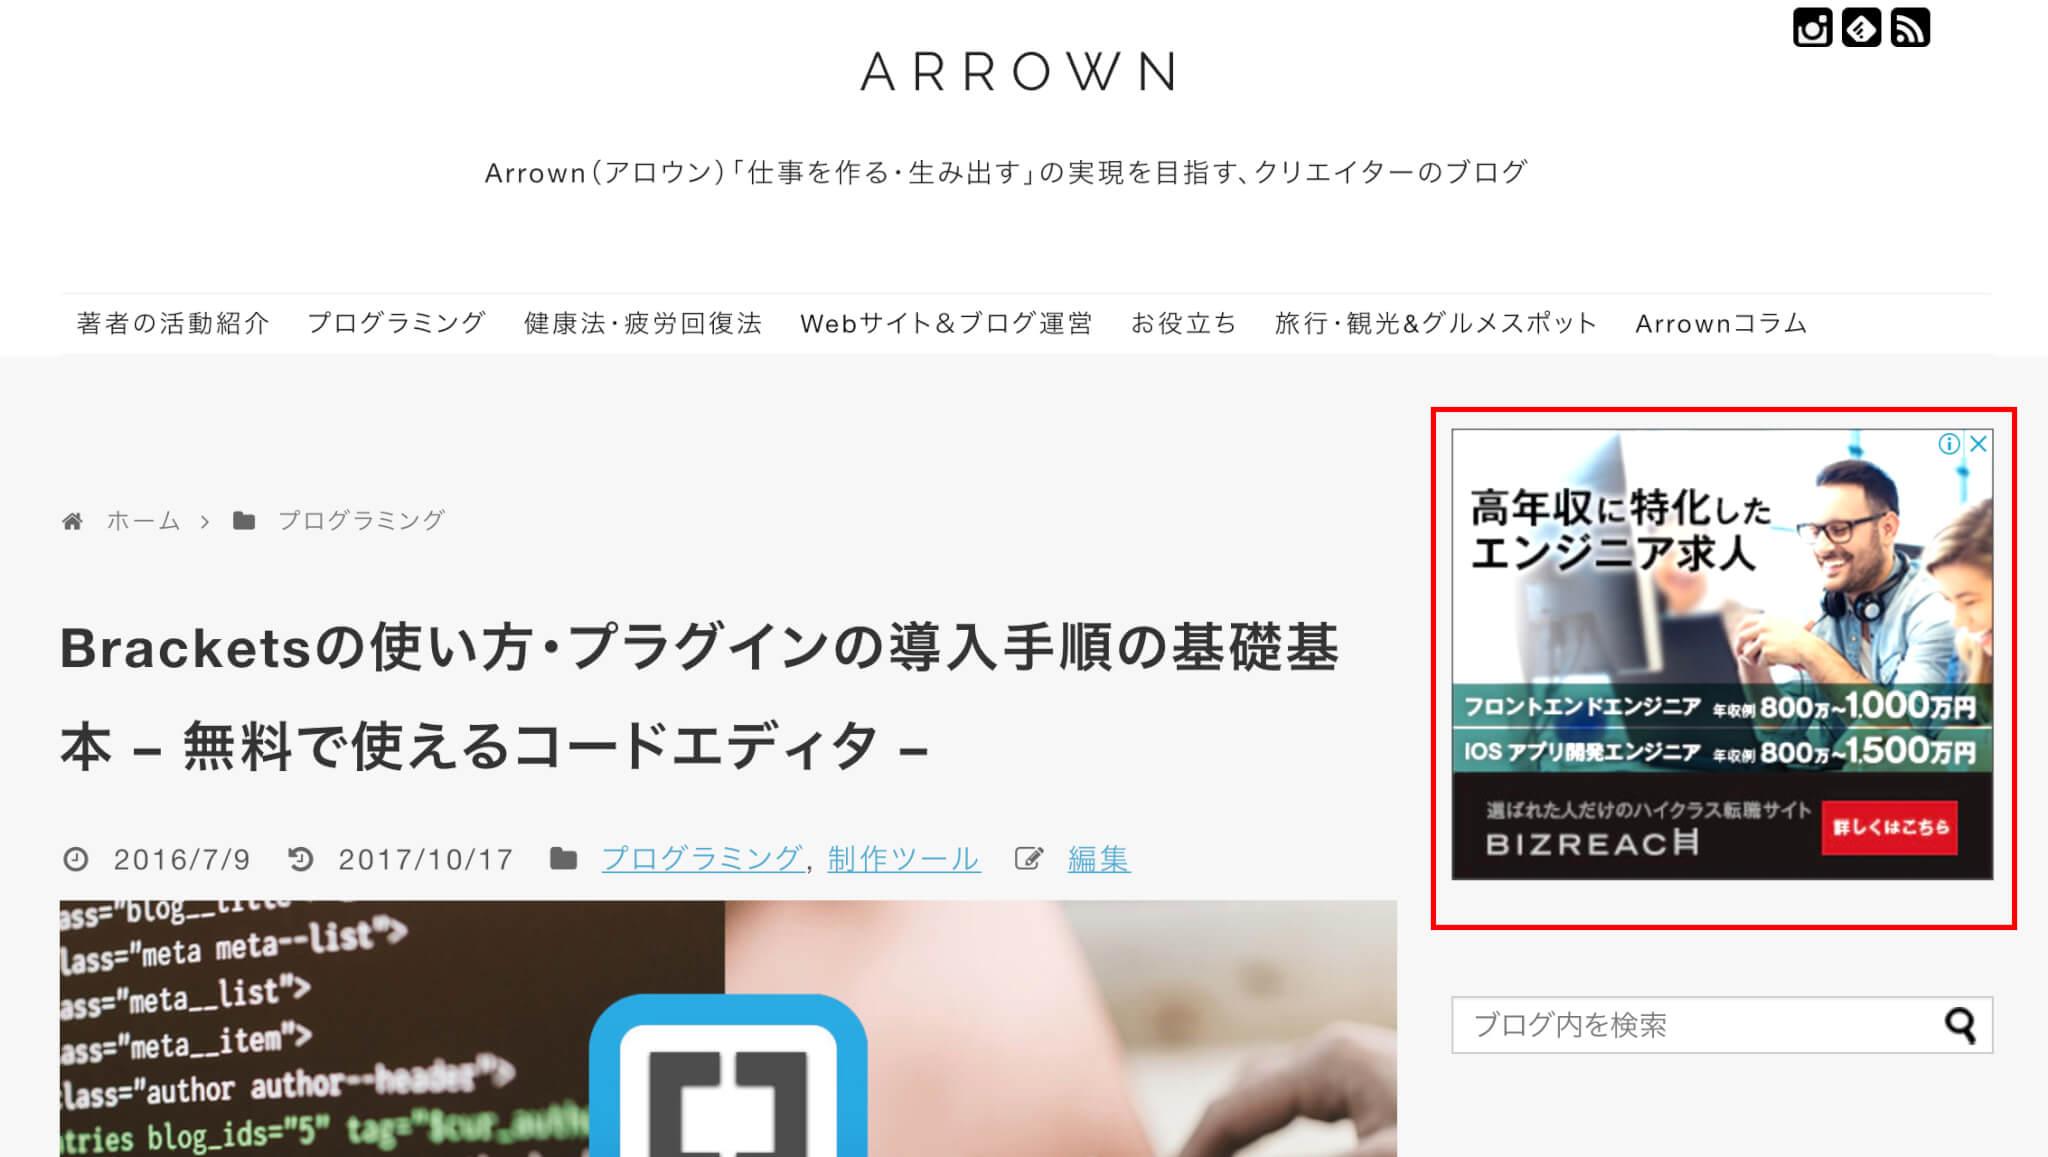 WebサイトにGoogle Adsenceの広告が表示された画面